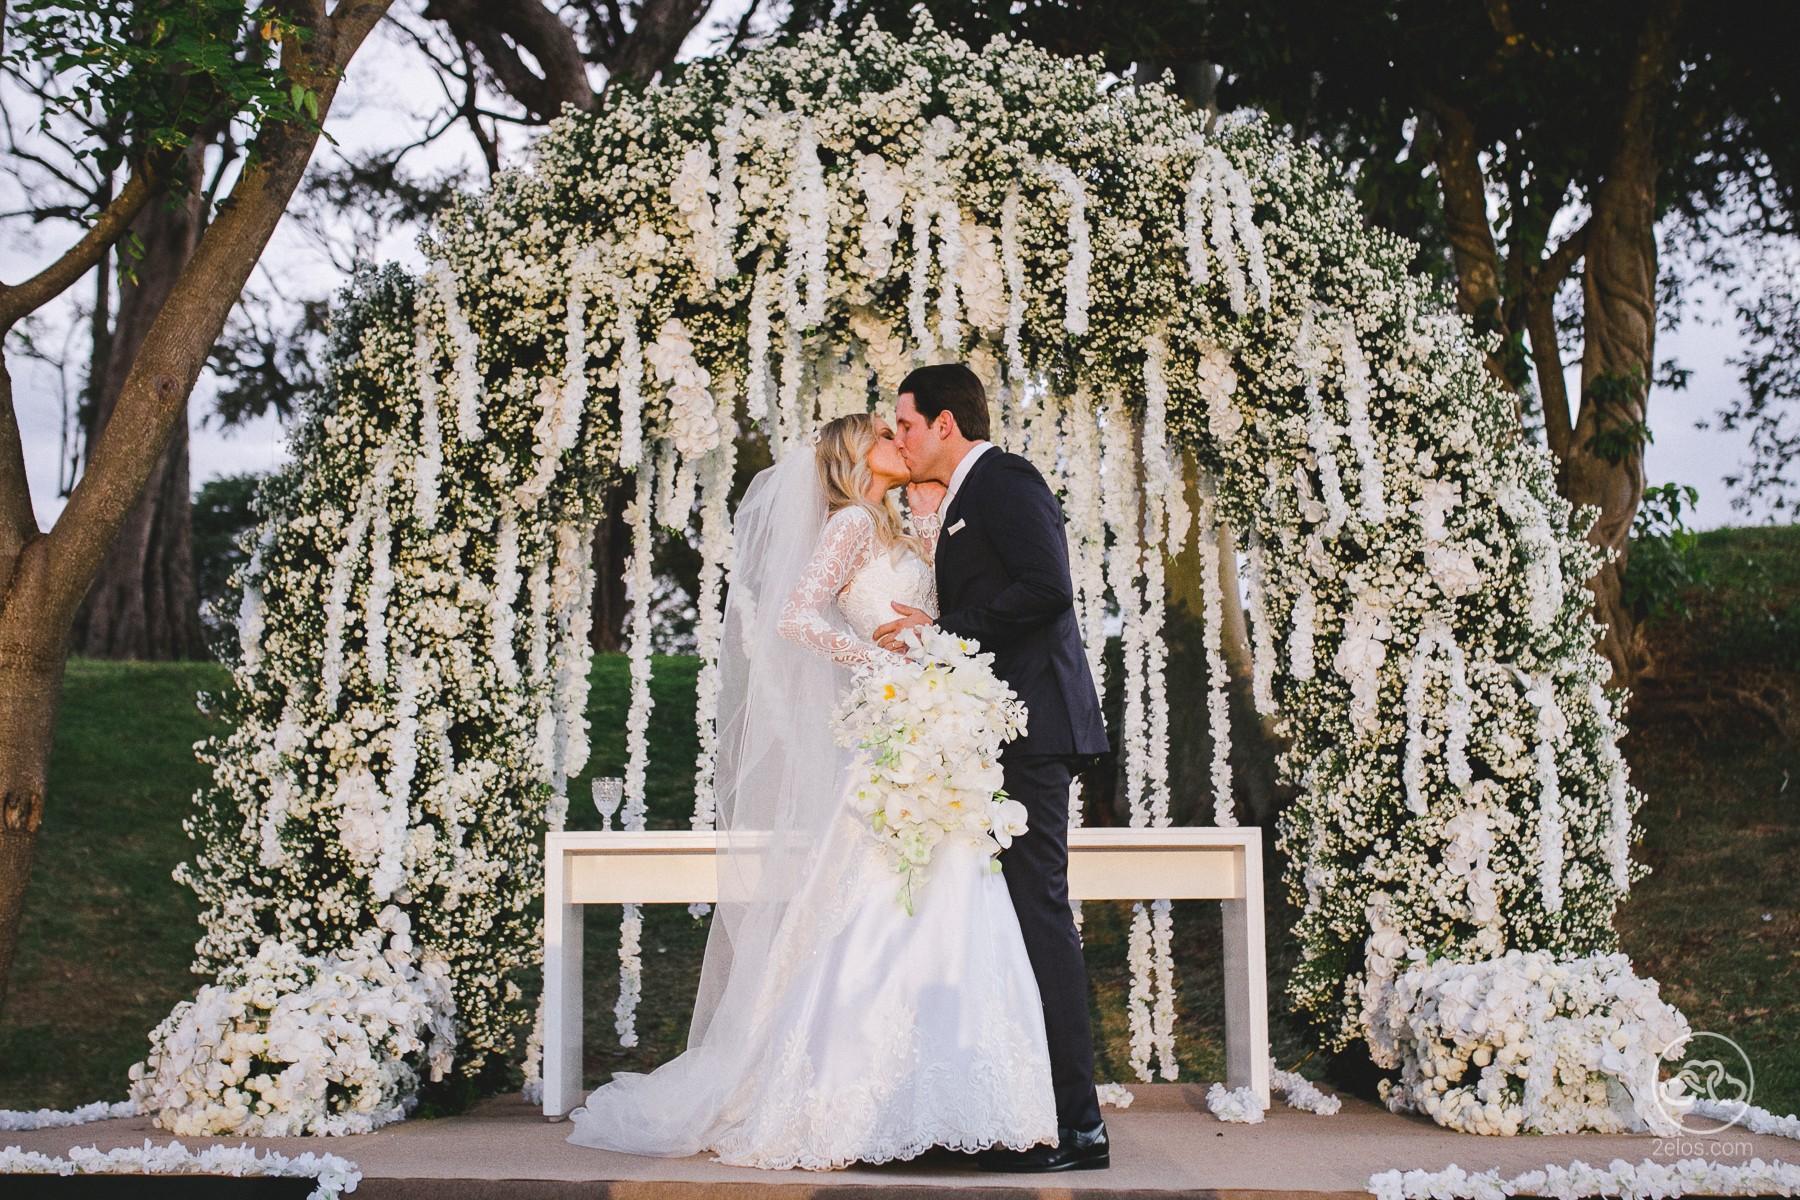 Casal se beijando após cerimônia em casamento ao ar livre.